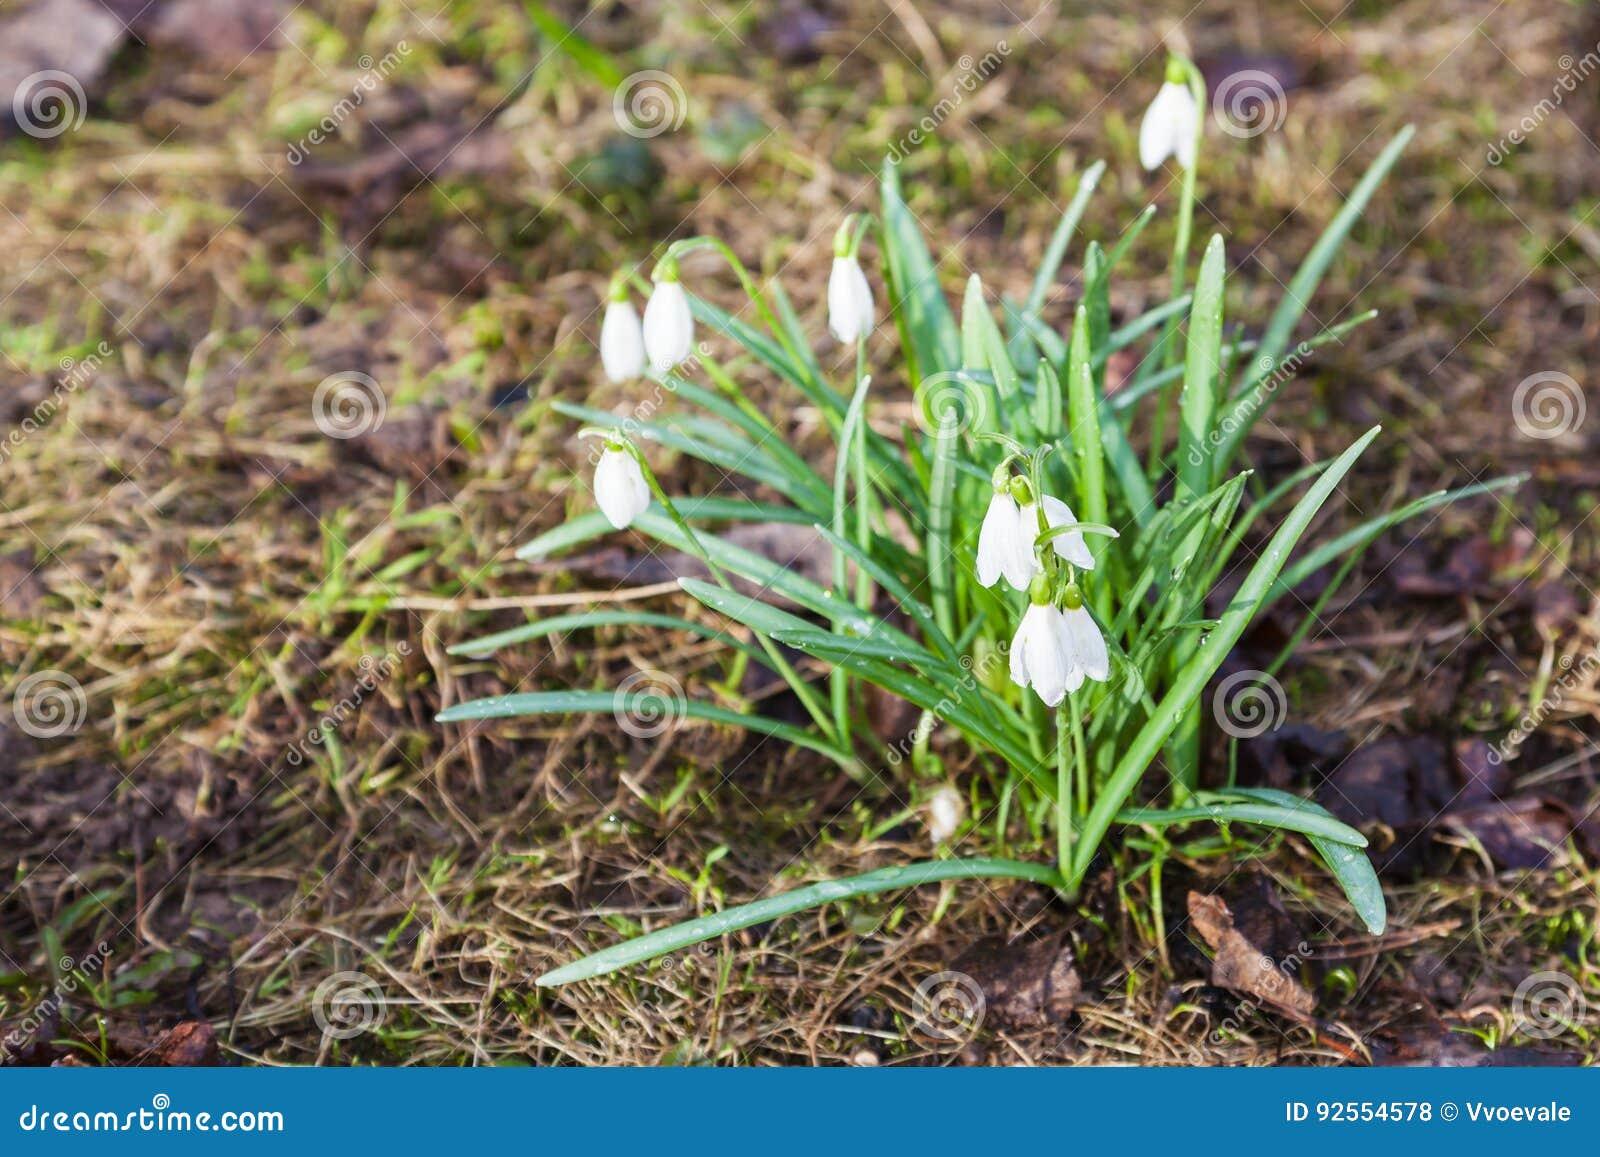 Fiori bianchi di Galanthus di bucaneve su terreno paludoso